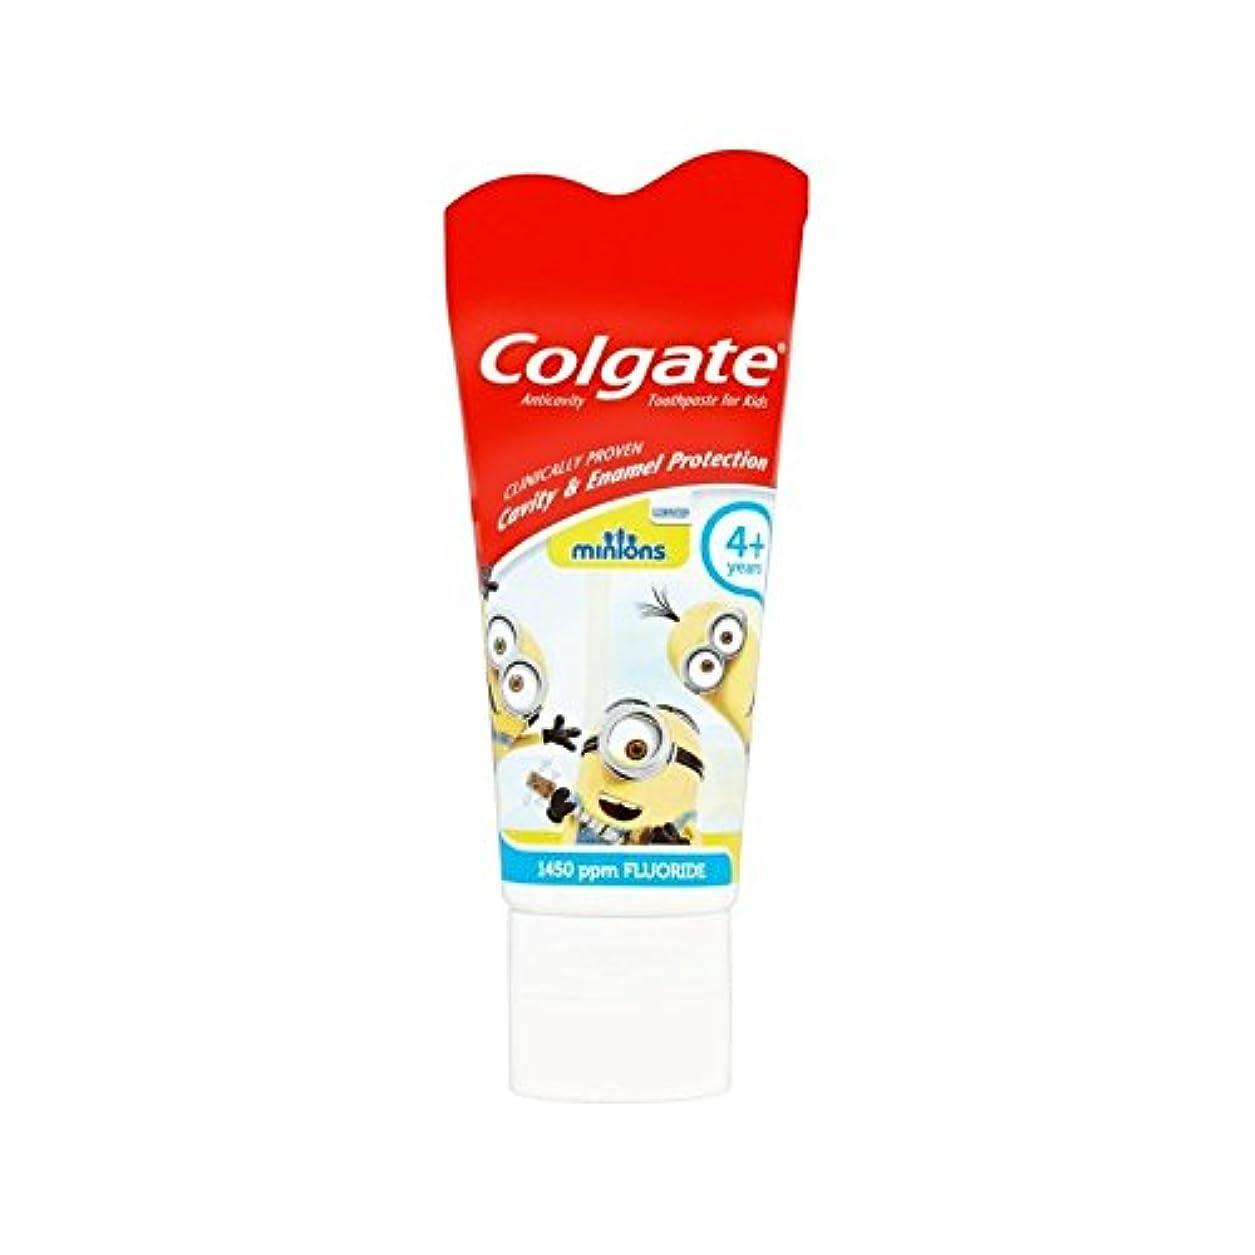 侵入するワークショップアスペクト手下の子供4+歯磨き粉50ミリリットル (Colgate) (x 6) - Colgate Minions Kids 4+ Toothpaste 50ml (Pack of 6) [並行輸入品]